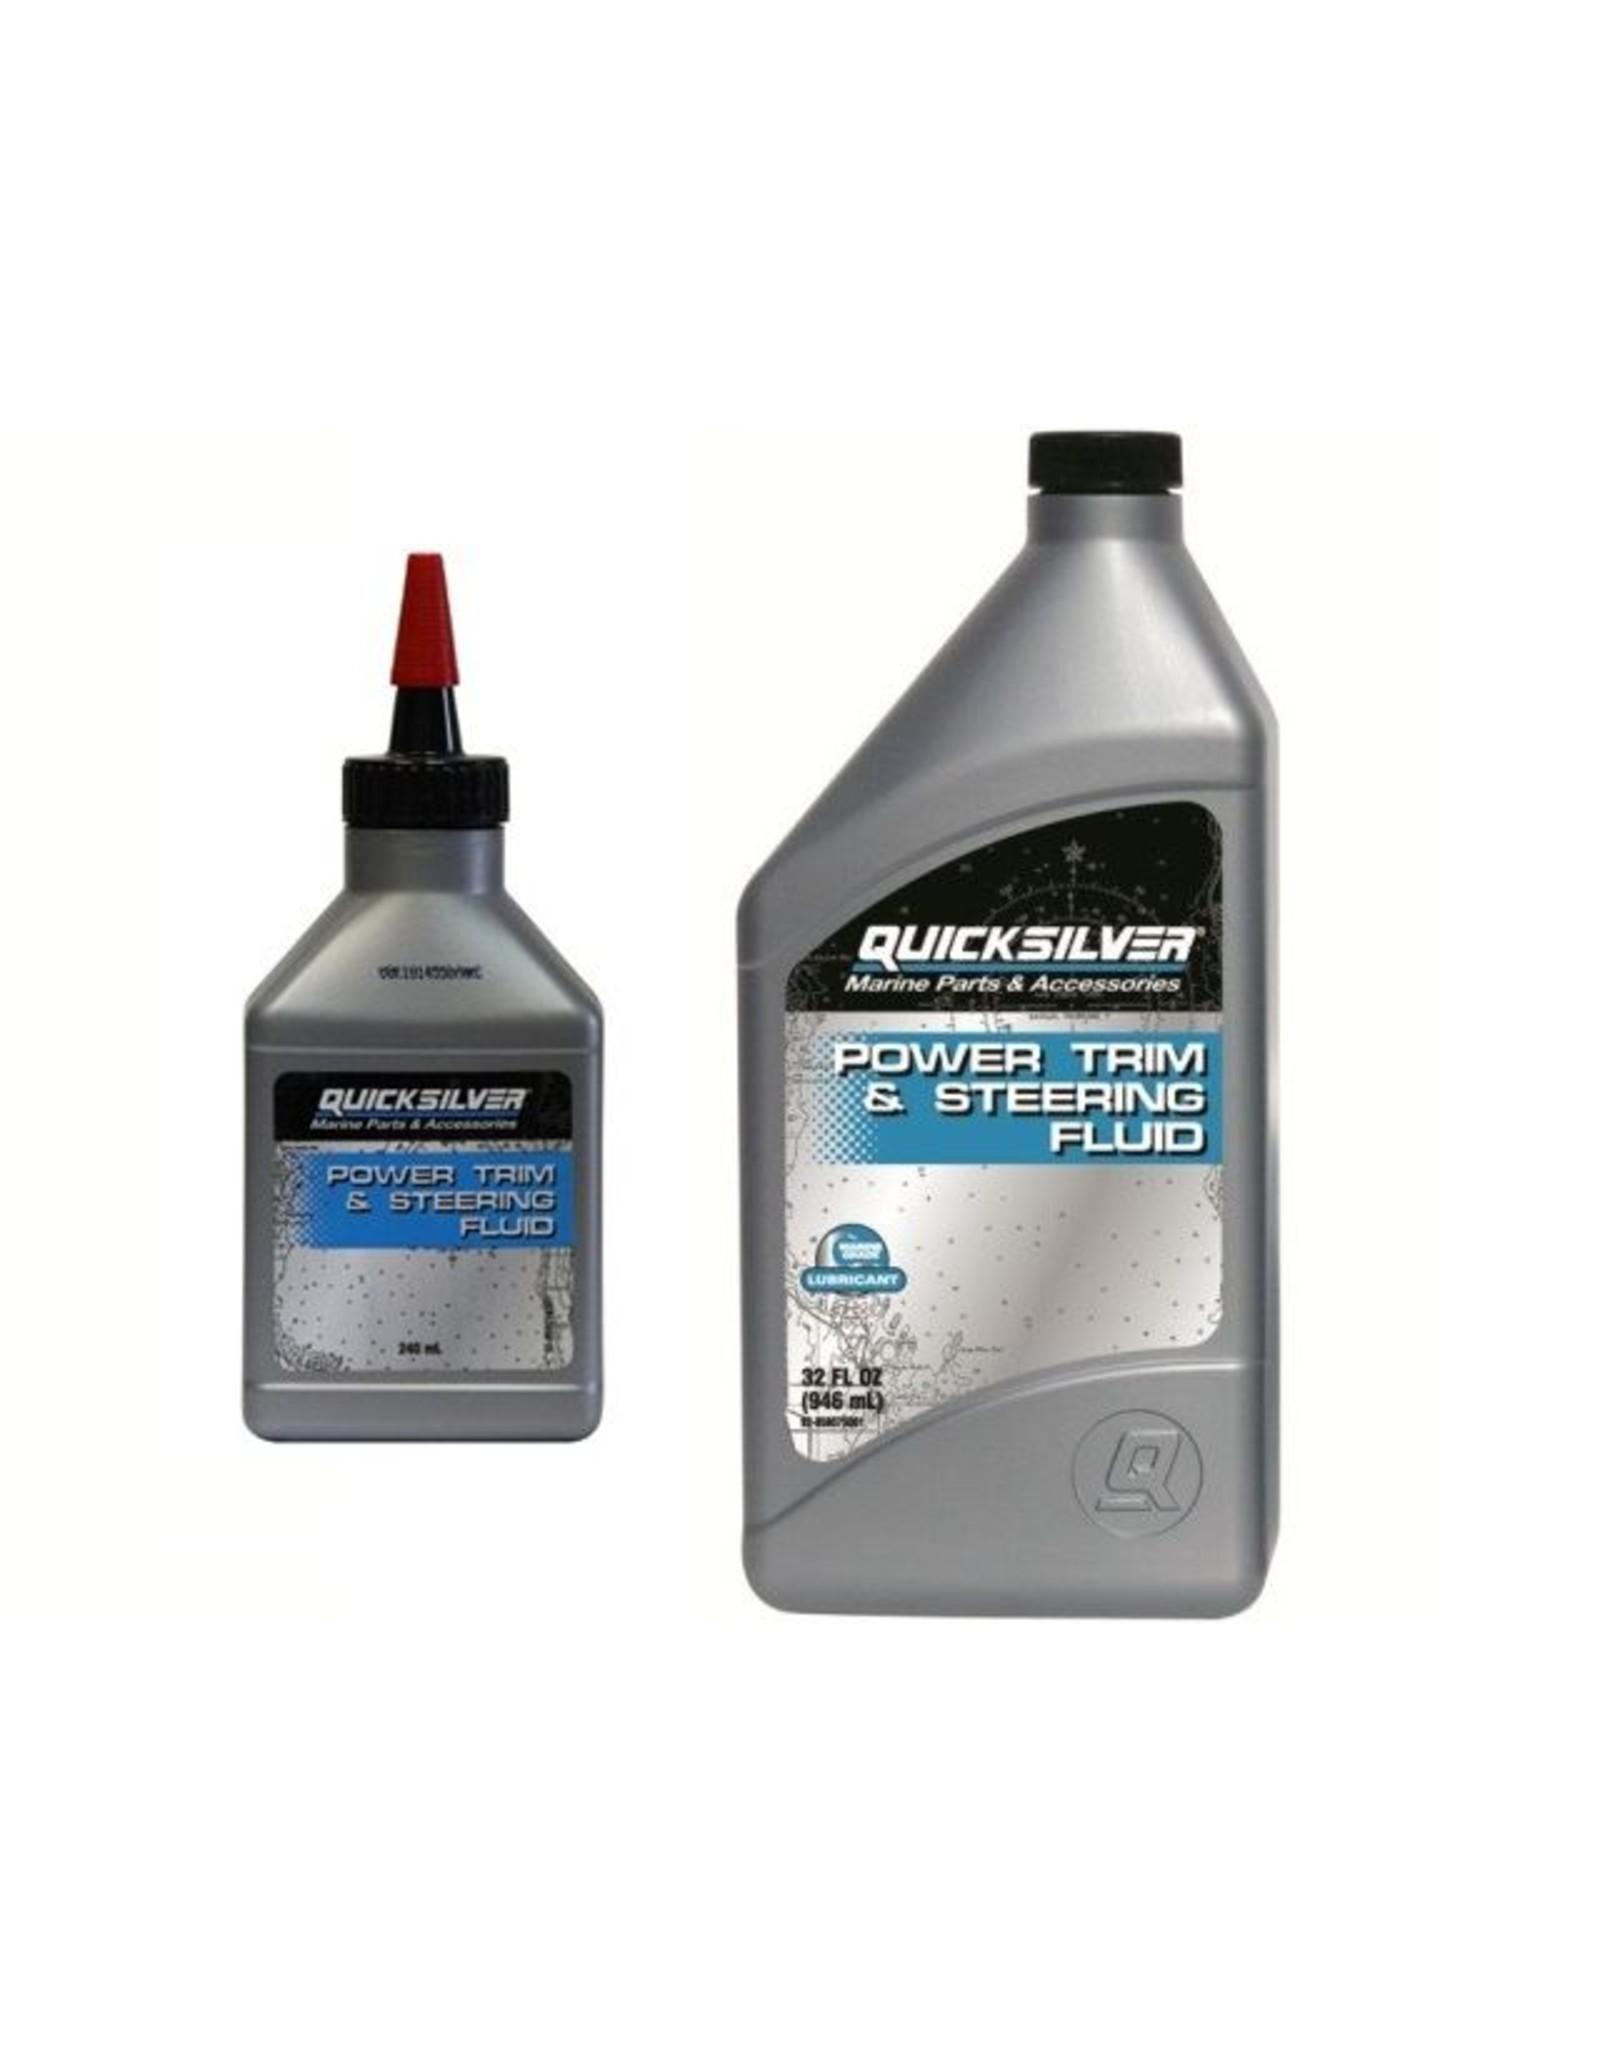 Quicksilver Hydraulische stuur en powertrim olie